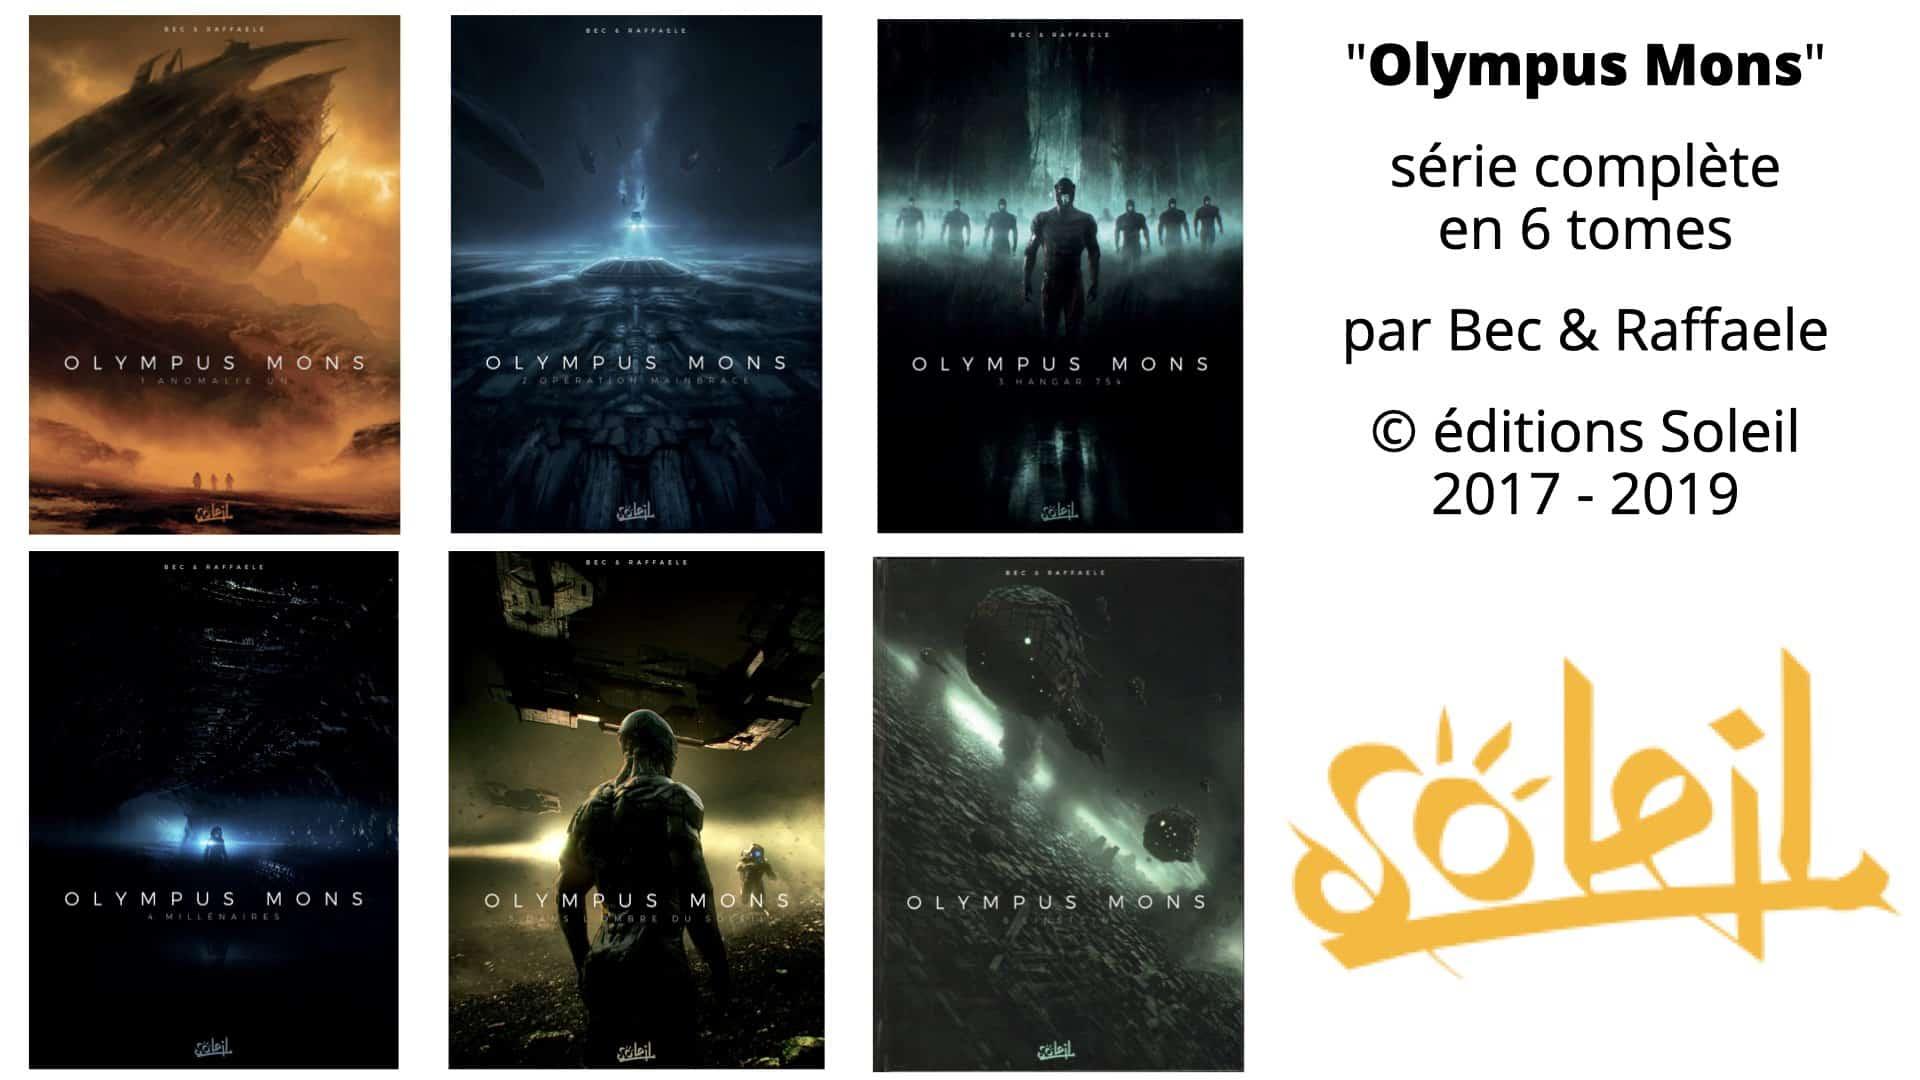 générique Delcourt Soleil 2021 ***16:9***.026